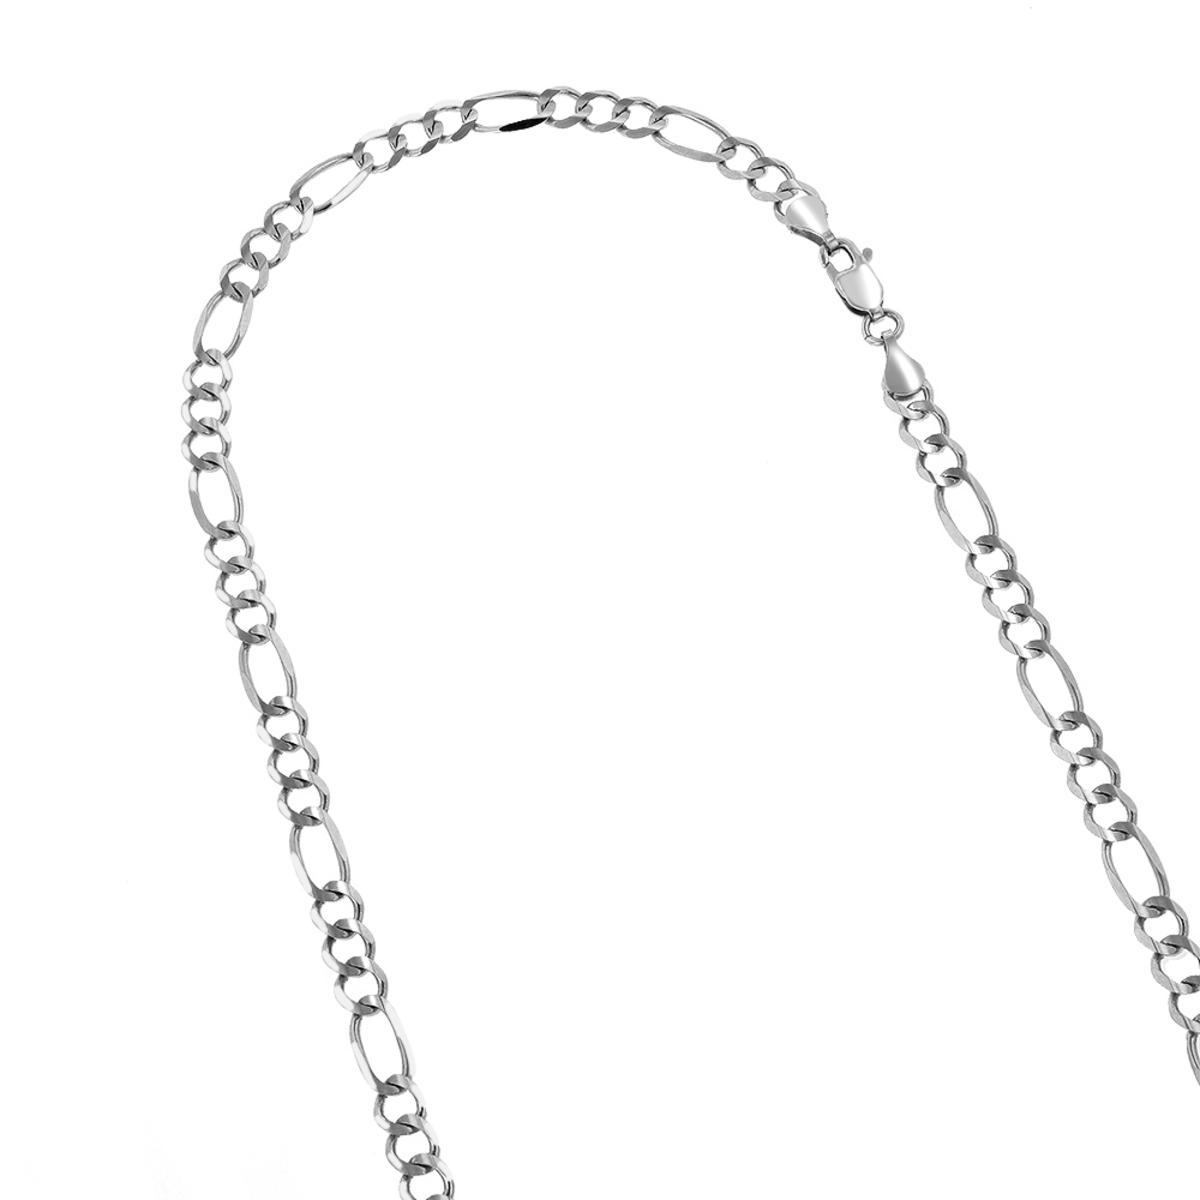 LUXURMAN Solid 14k Gold Figaro Chain For Men & Women 4.5mm Wide